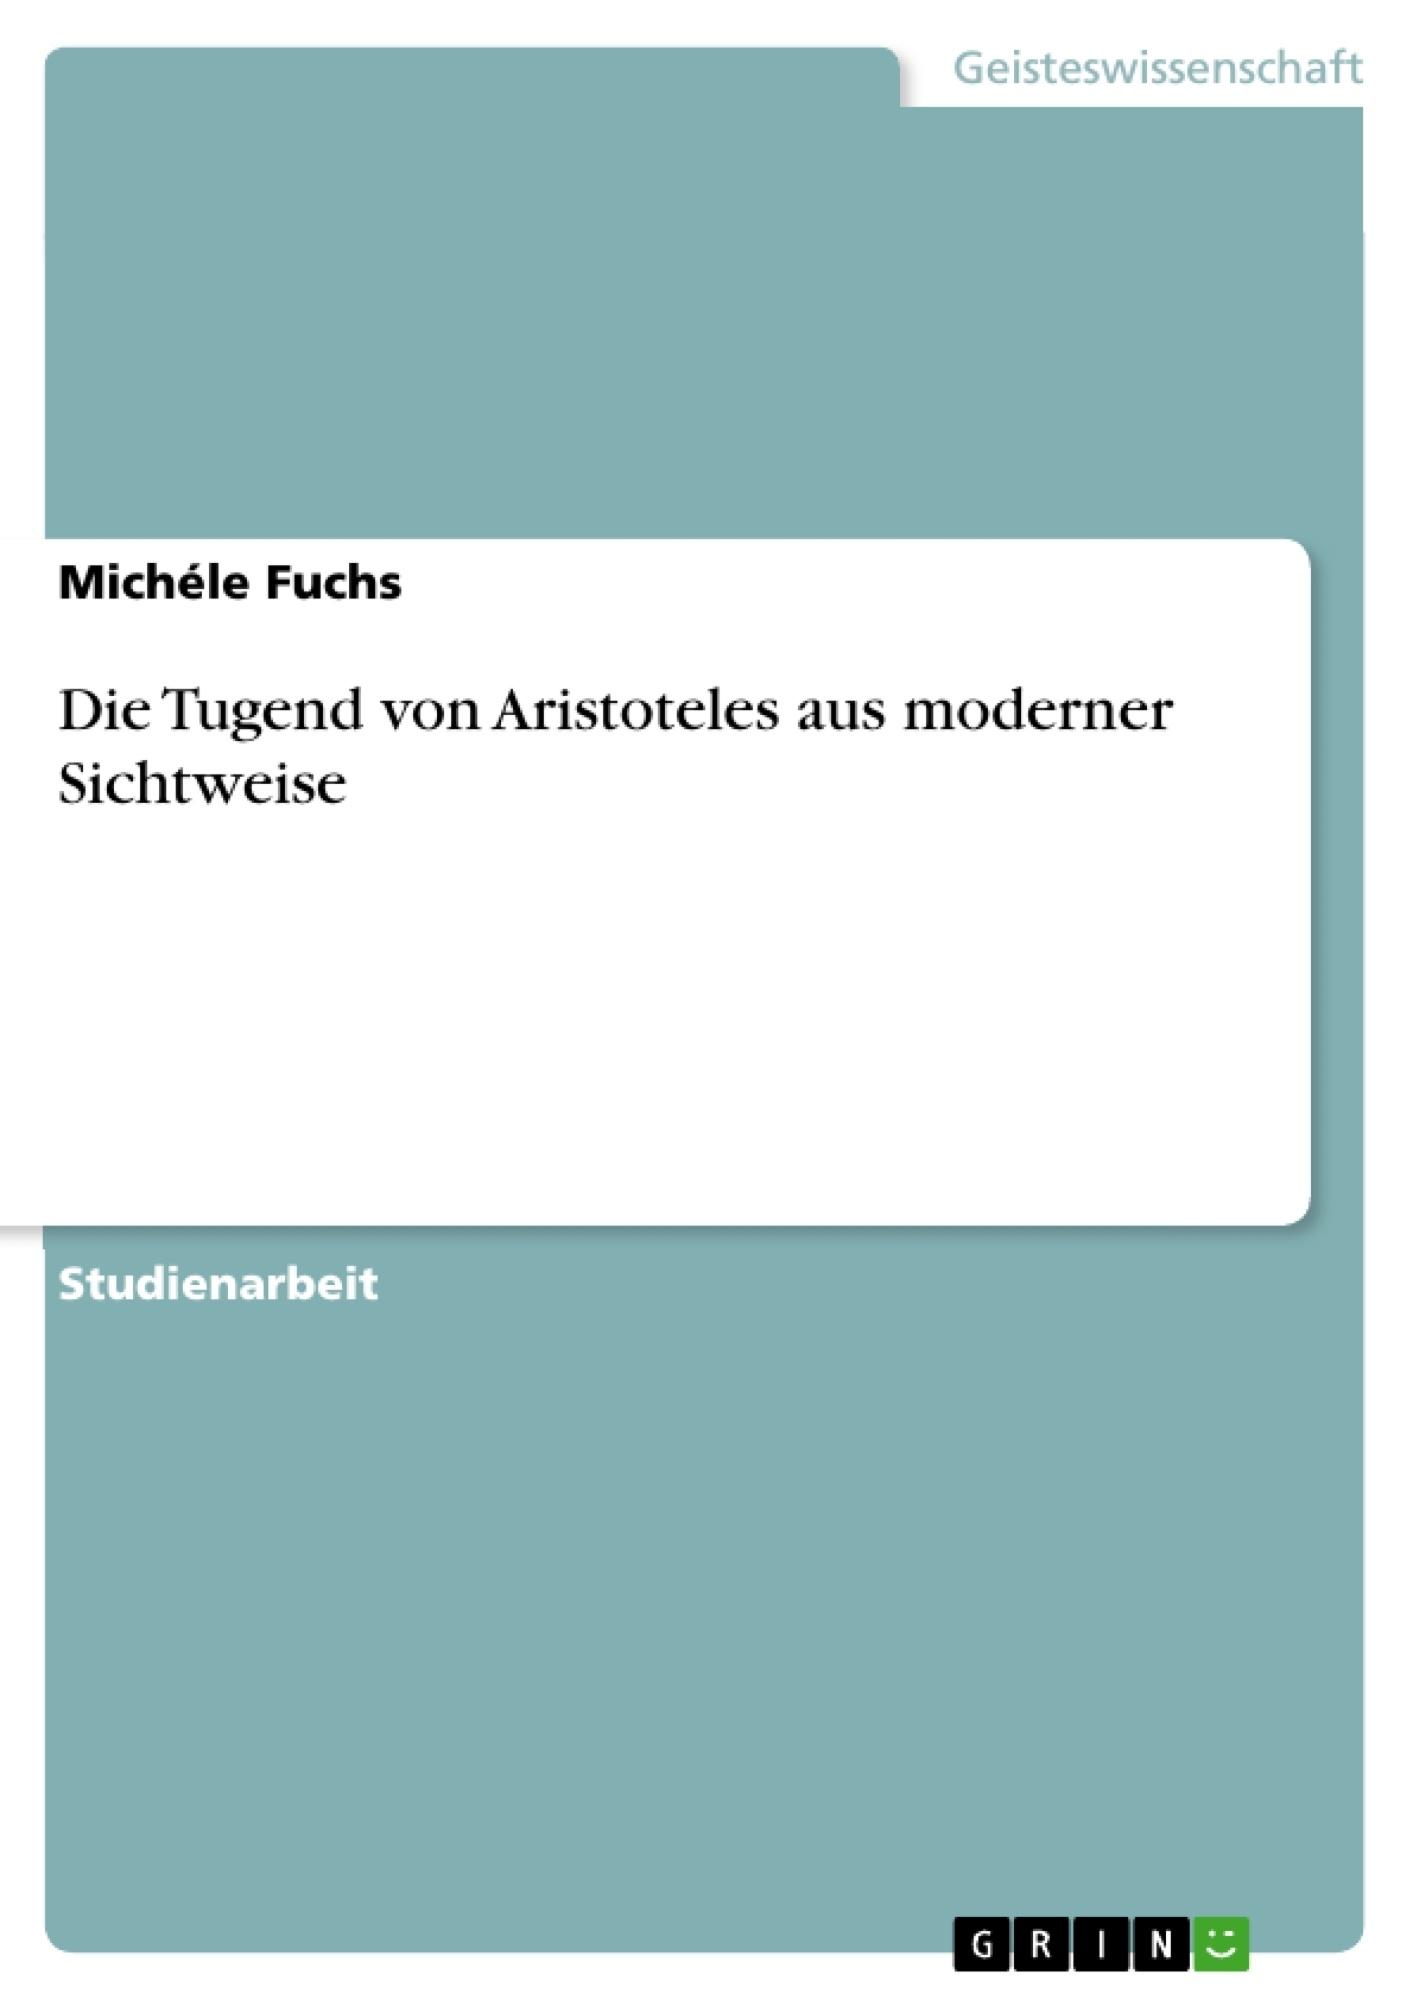 Titel: Die Tugend von Aristoteles aus moderner Sichtweise